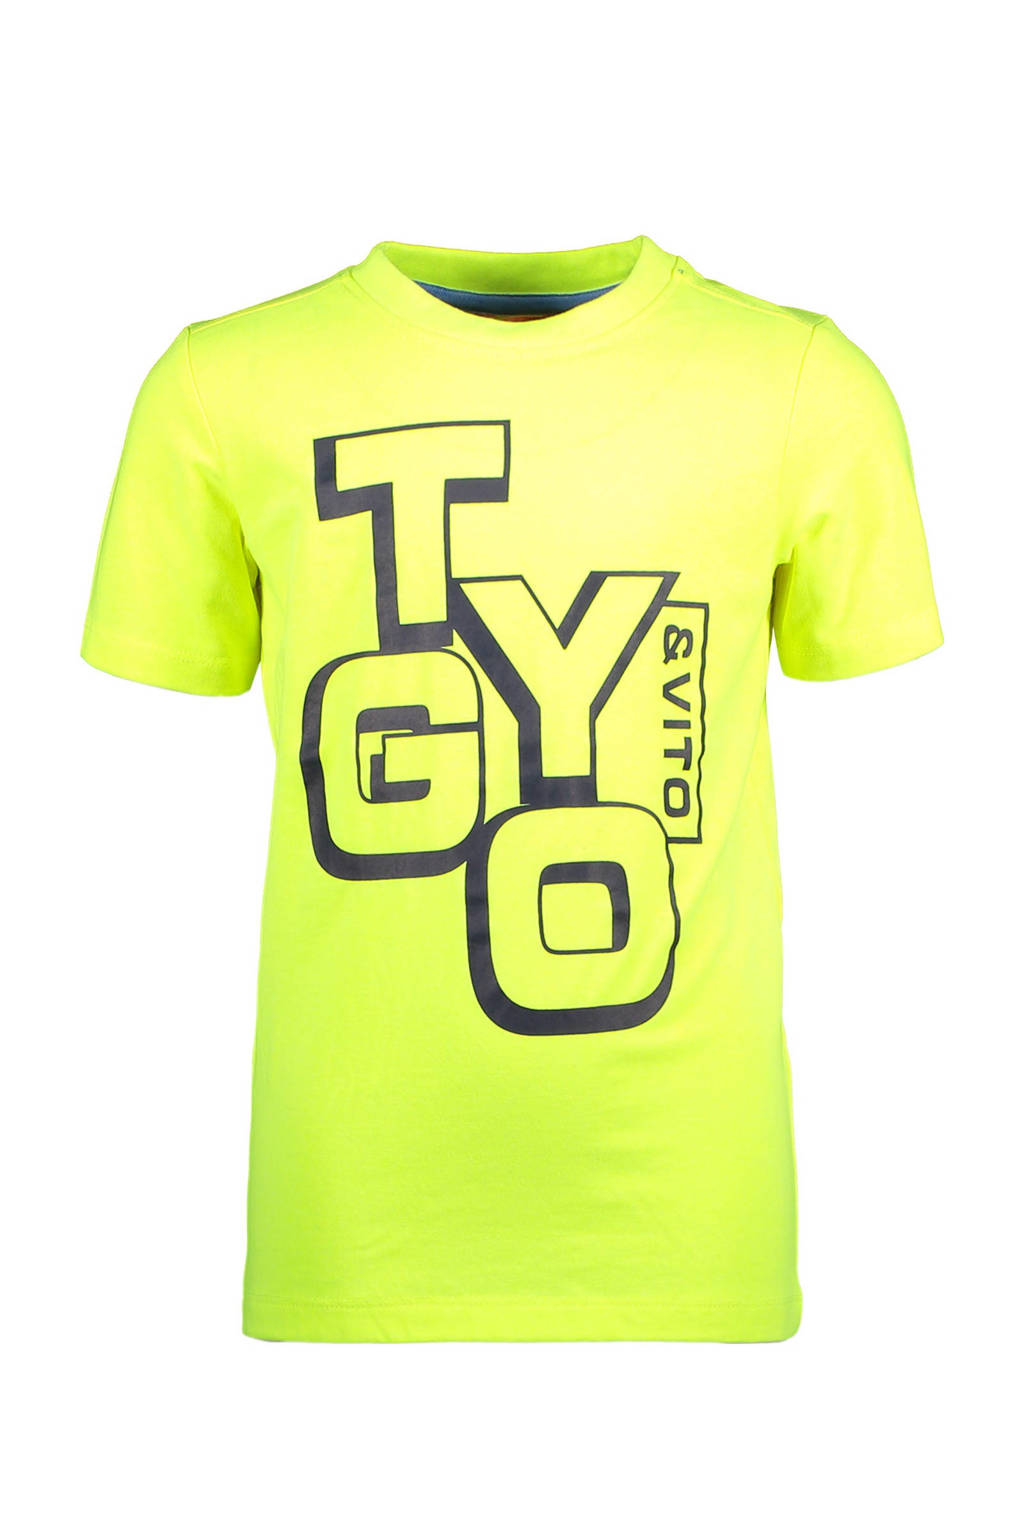 TYGO & vito T-shirt met tekst neon geel/zwart, Neon geel/zwart